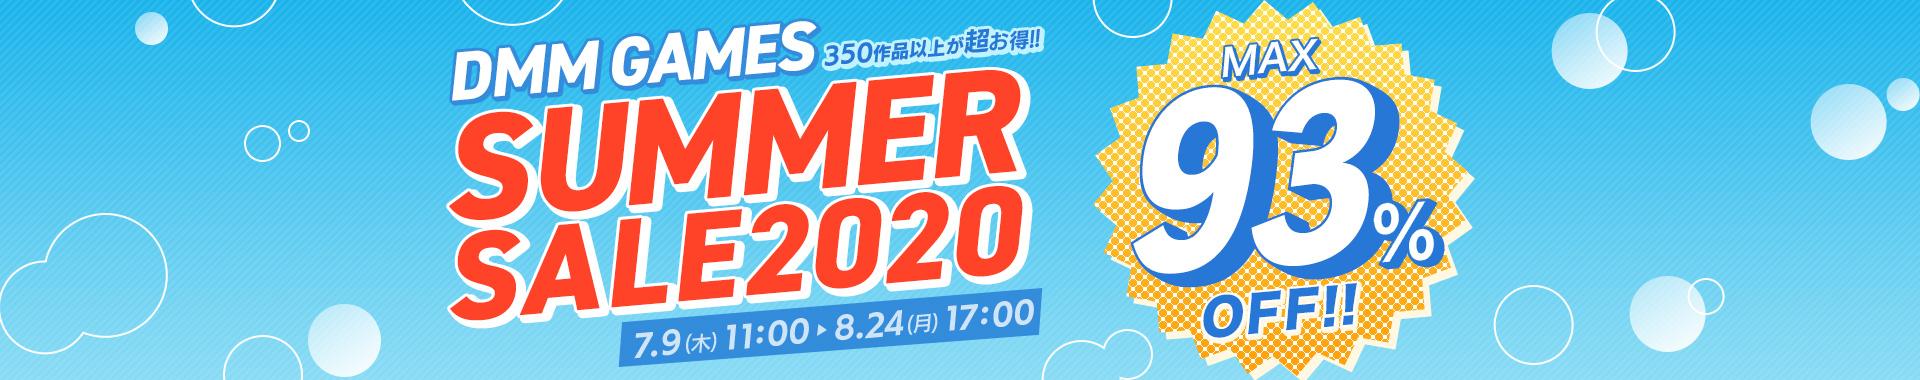 DMM GAMES SUMMERSALE2020 7.9(木)11:00~8.24(月)17:00 350作品以上が超お得!!